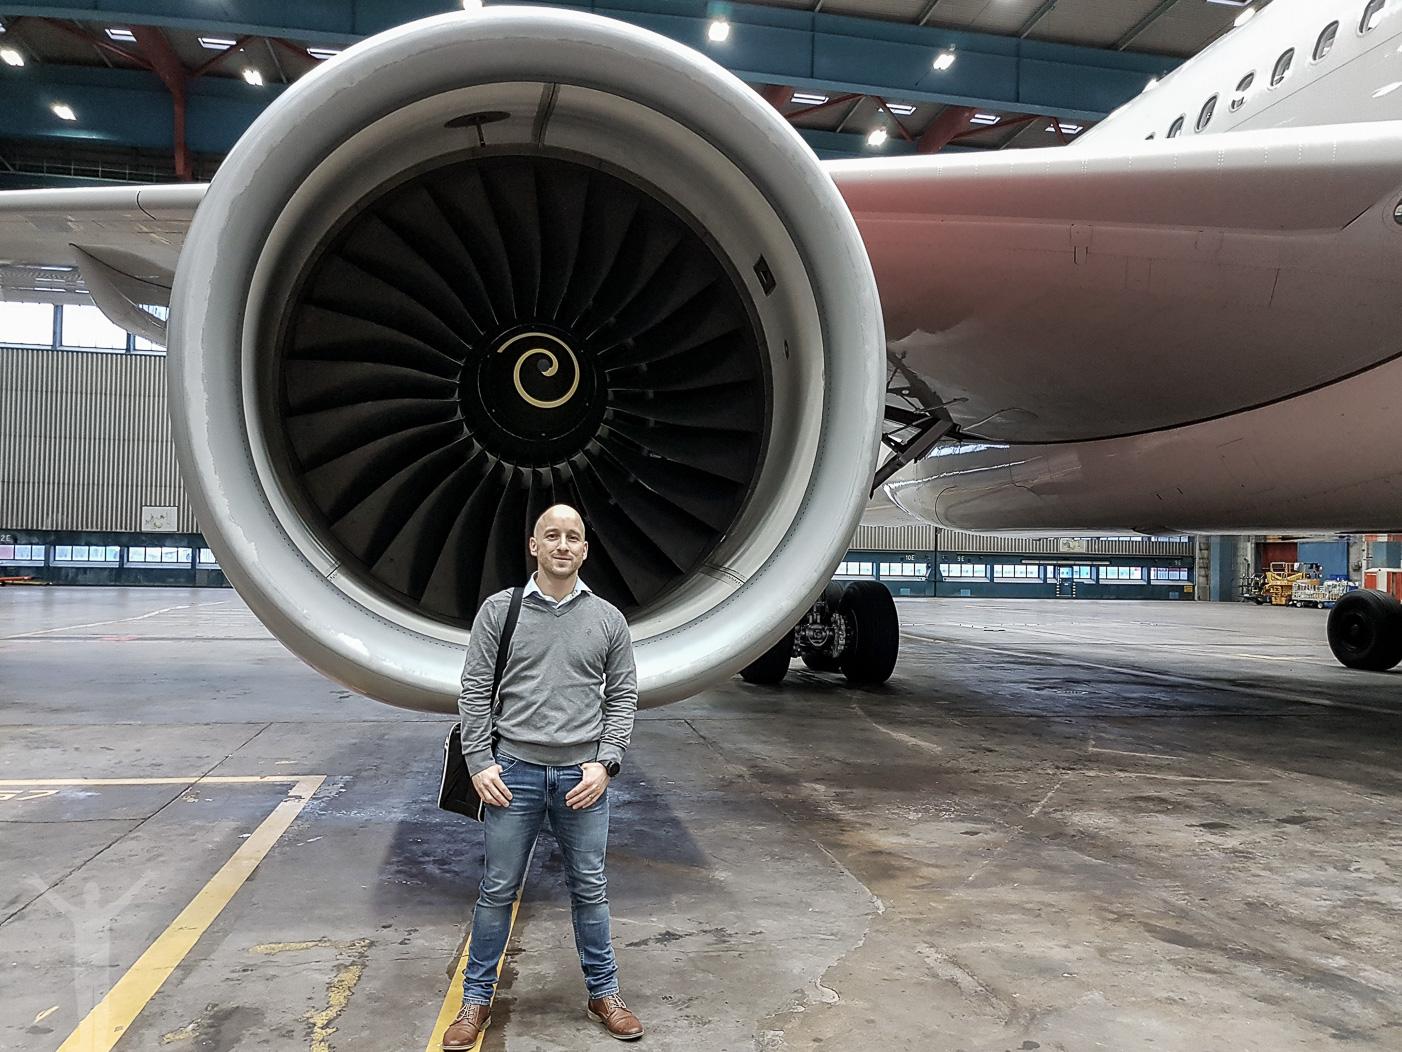 Dryden och Rolls-Royce Trent 772B-60